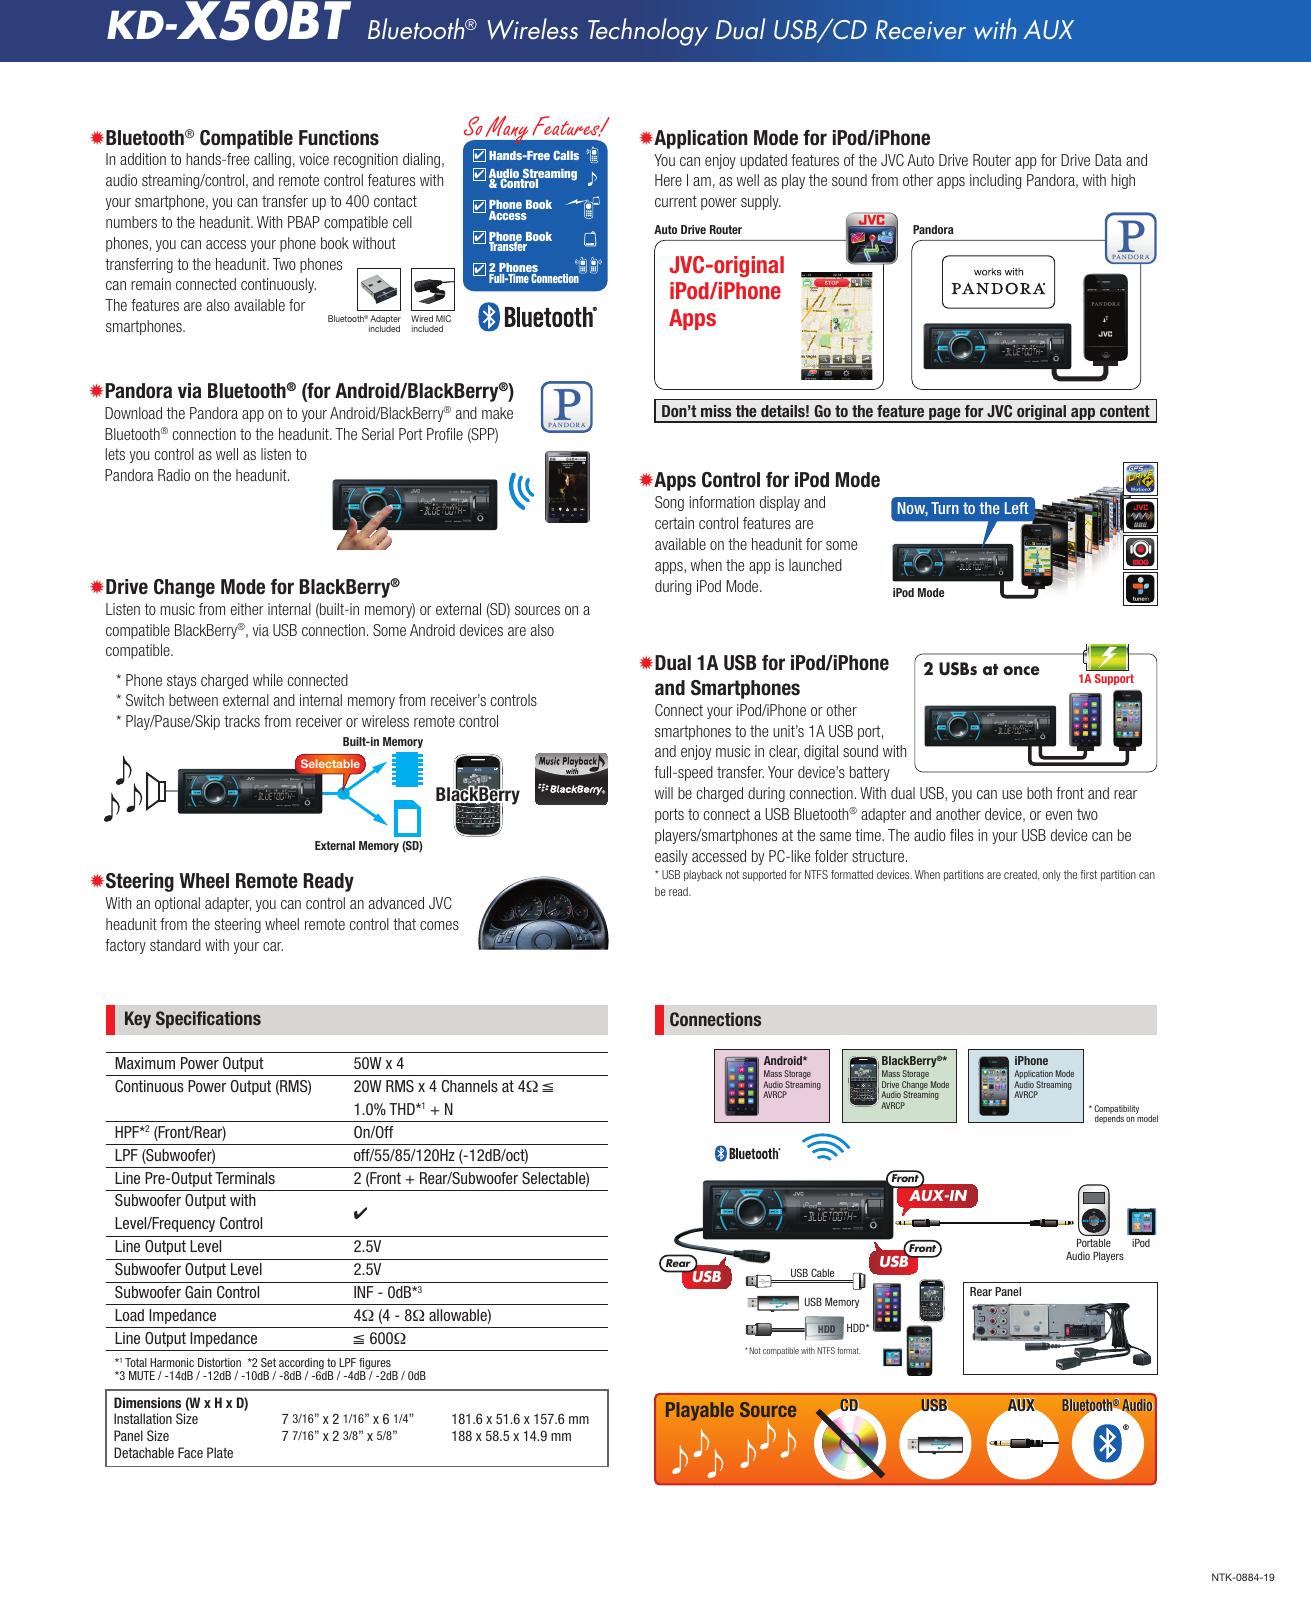 Jvc Kd X50Bt Specification Sheet X50BT_Tech_a